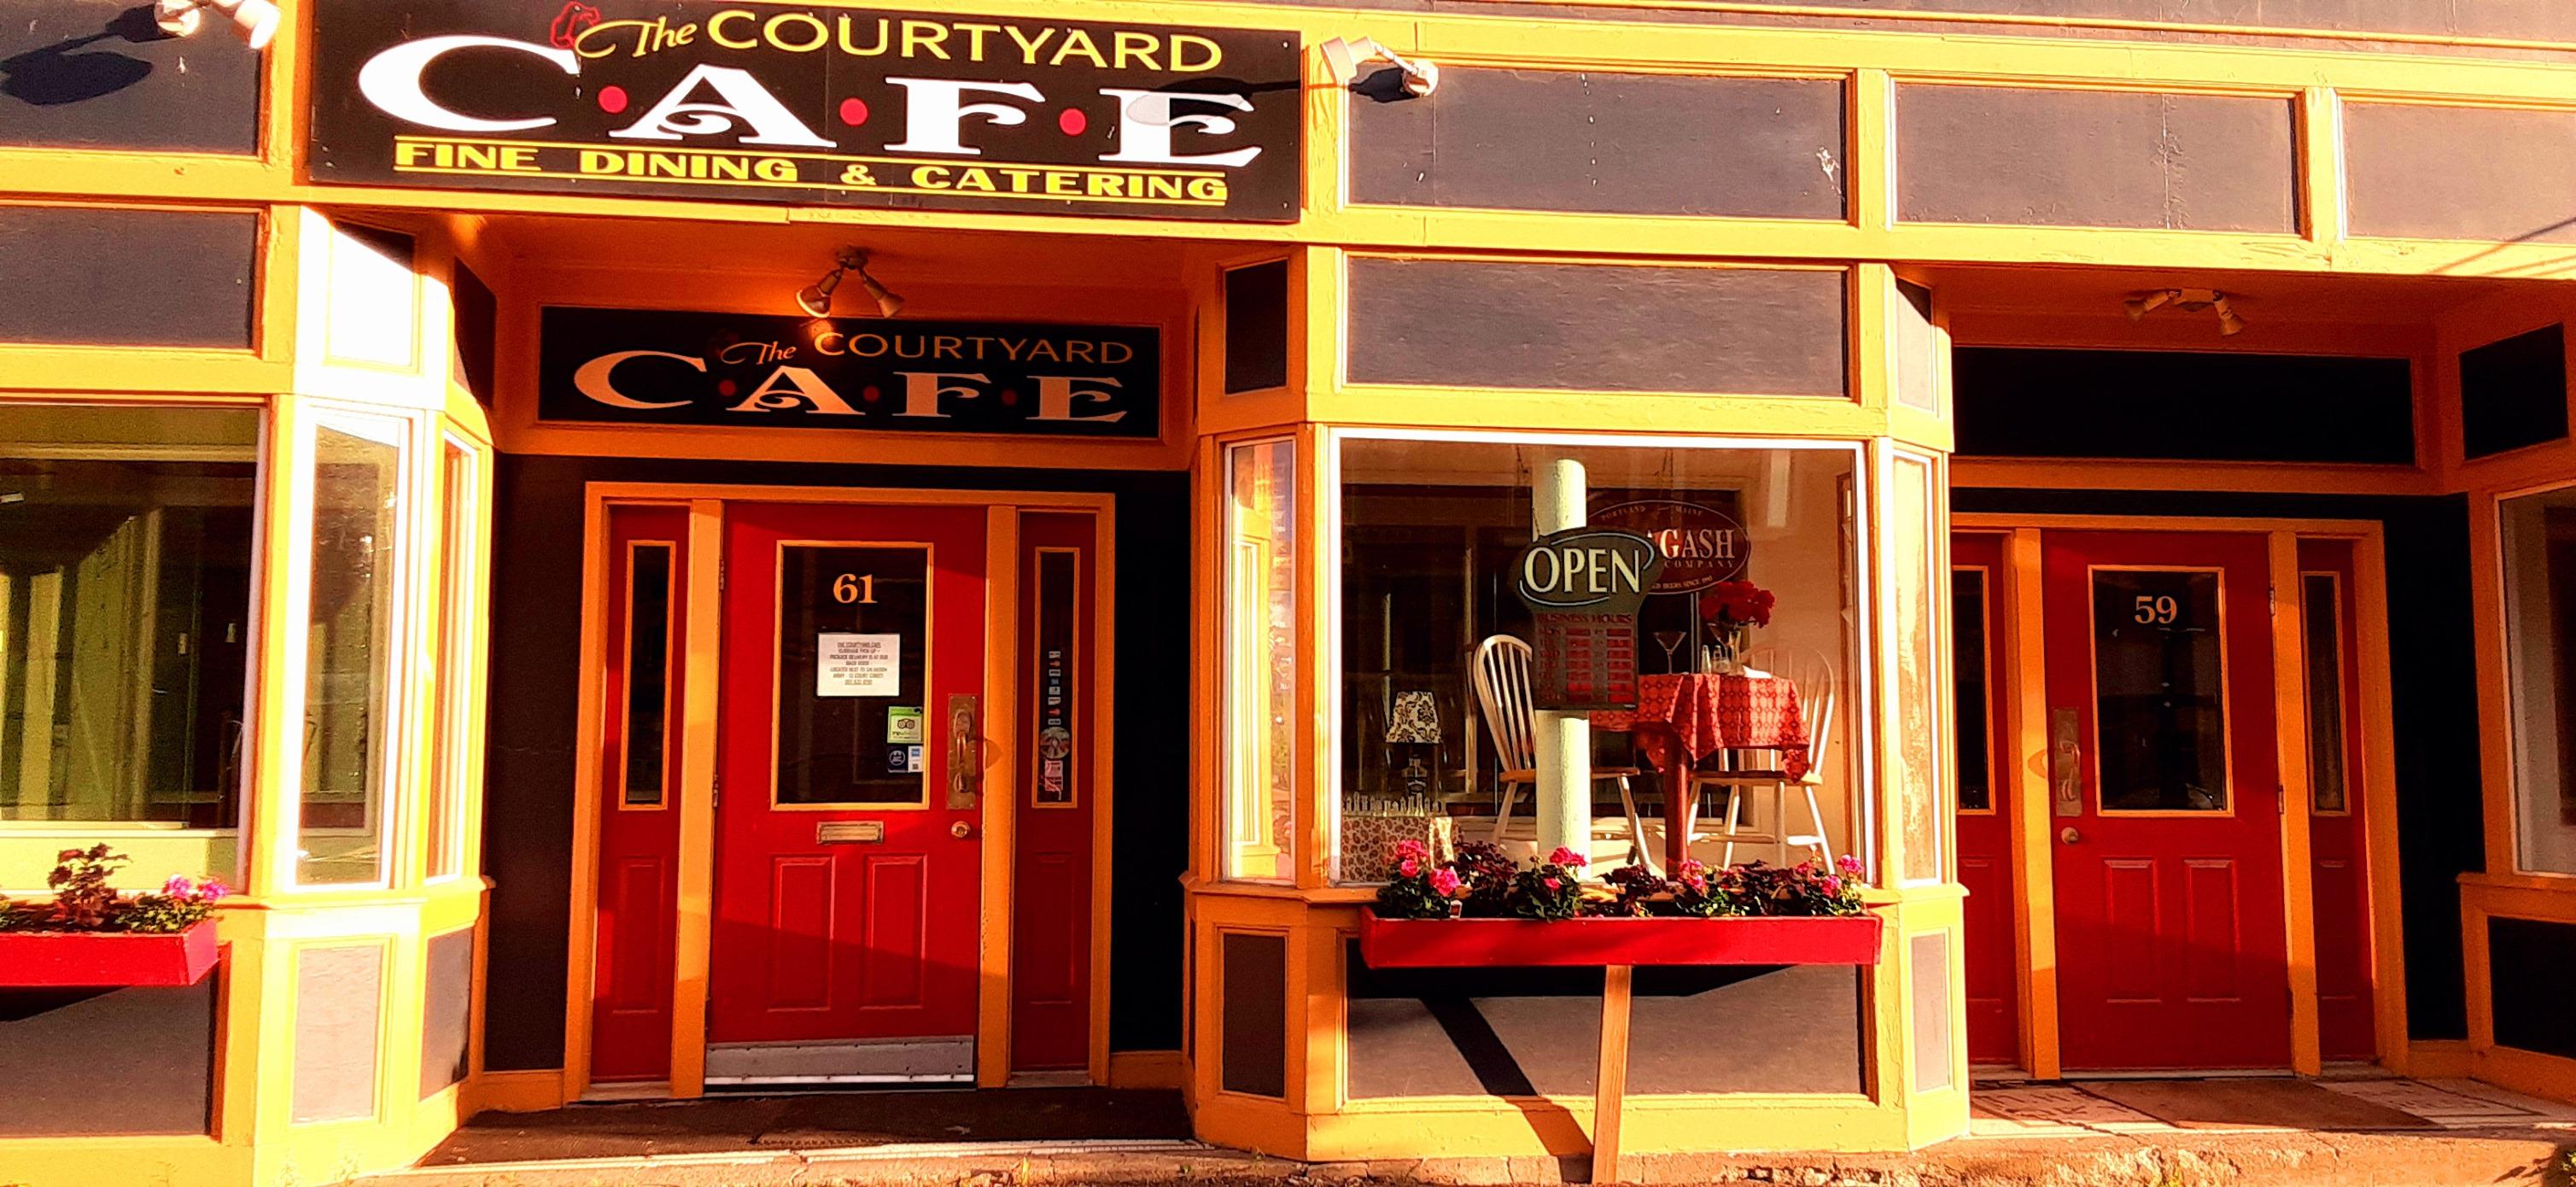 The Courtyard Café building entrance